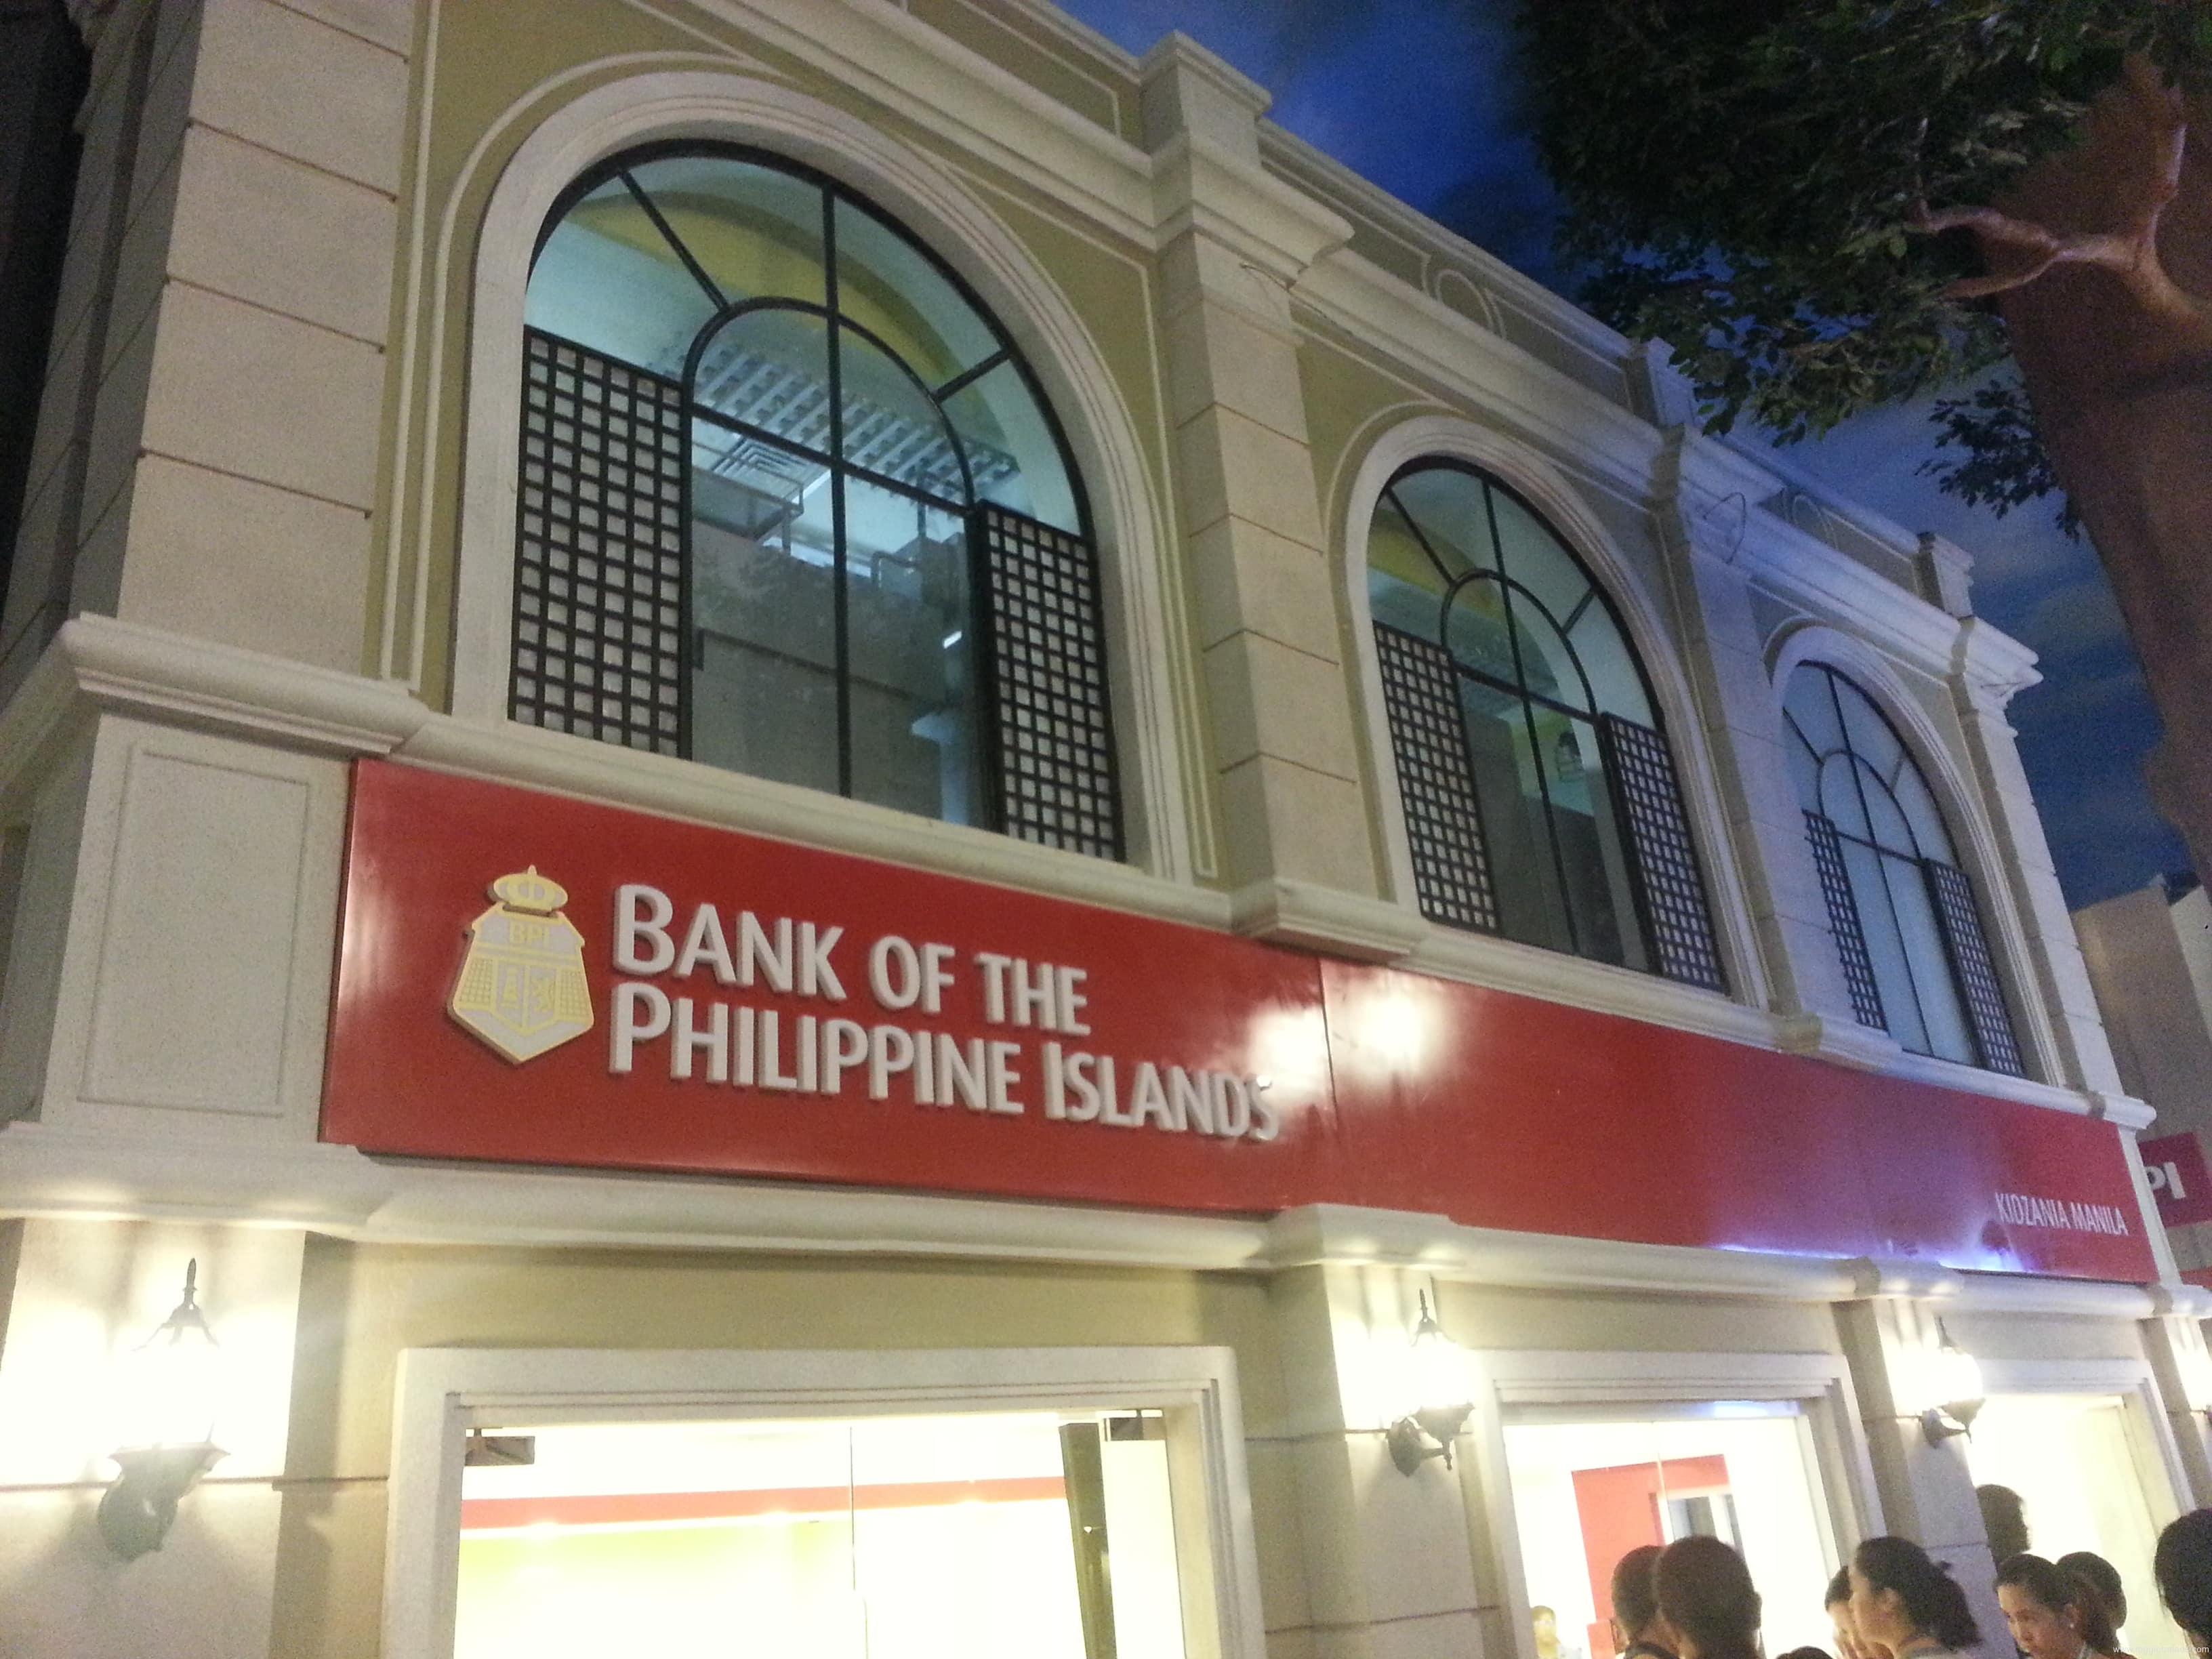 bank signage   signage  BPI  acrylic signage